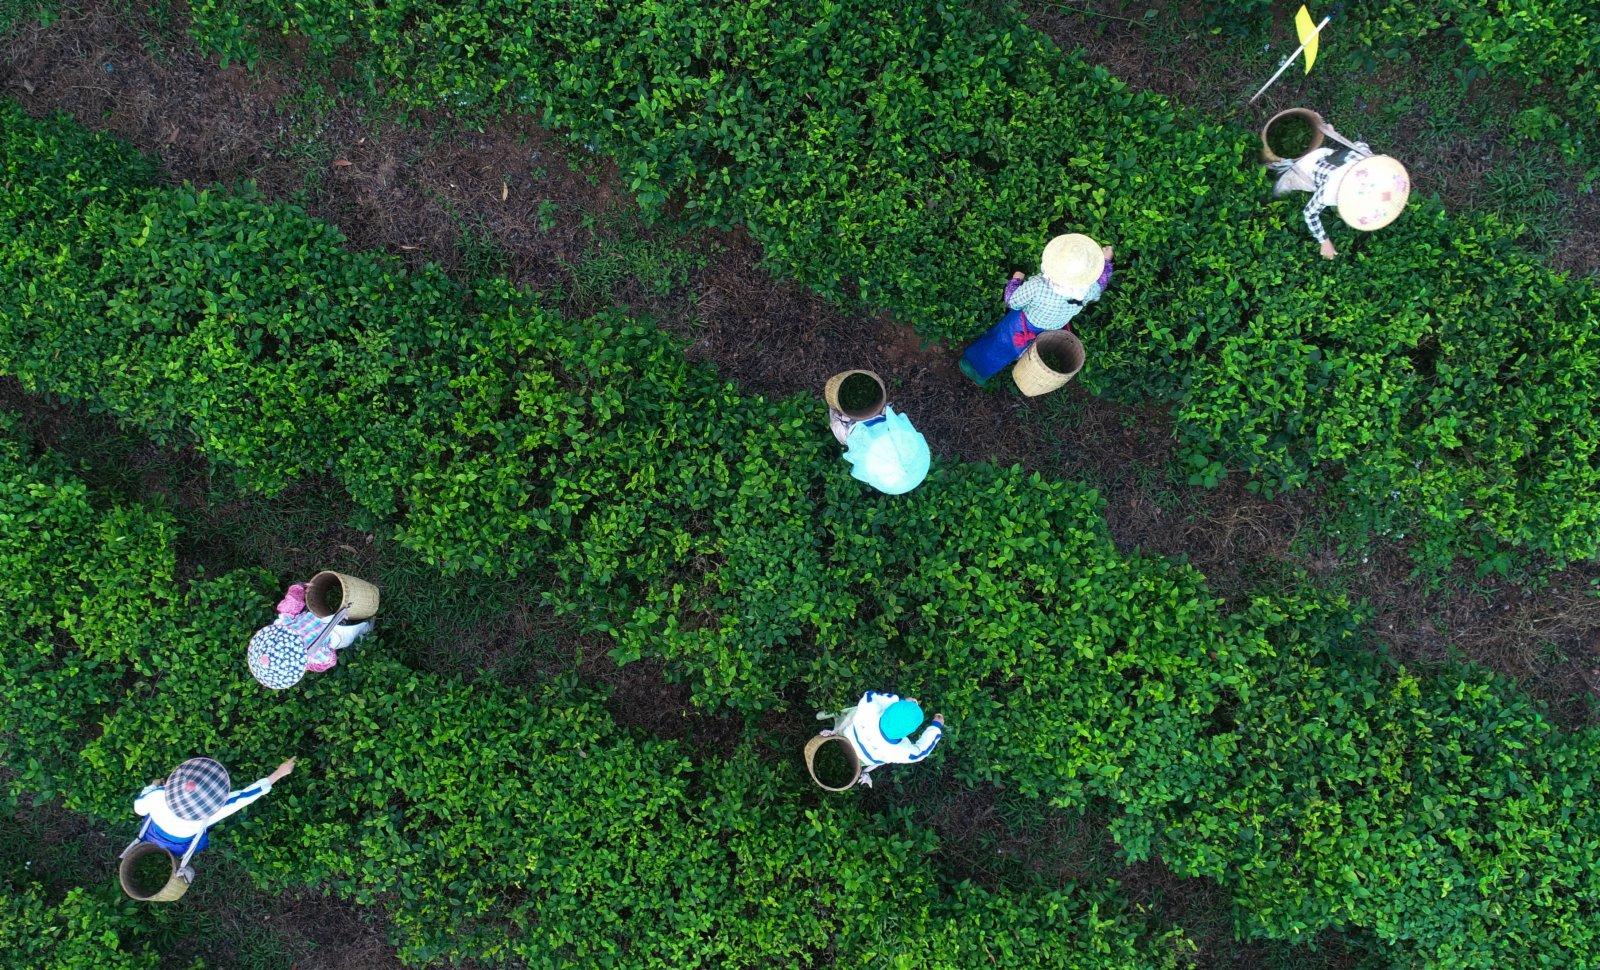 茶農在海南省白沙黎族自治縣五里路茶葉專業合作社的有機茶園採茶(無人機照片)。